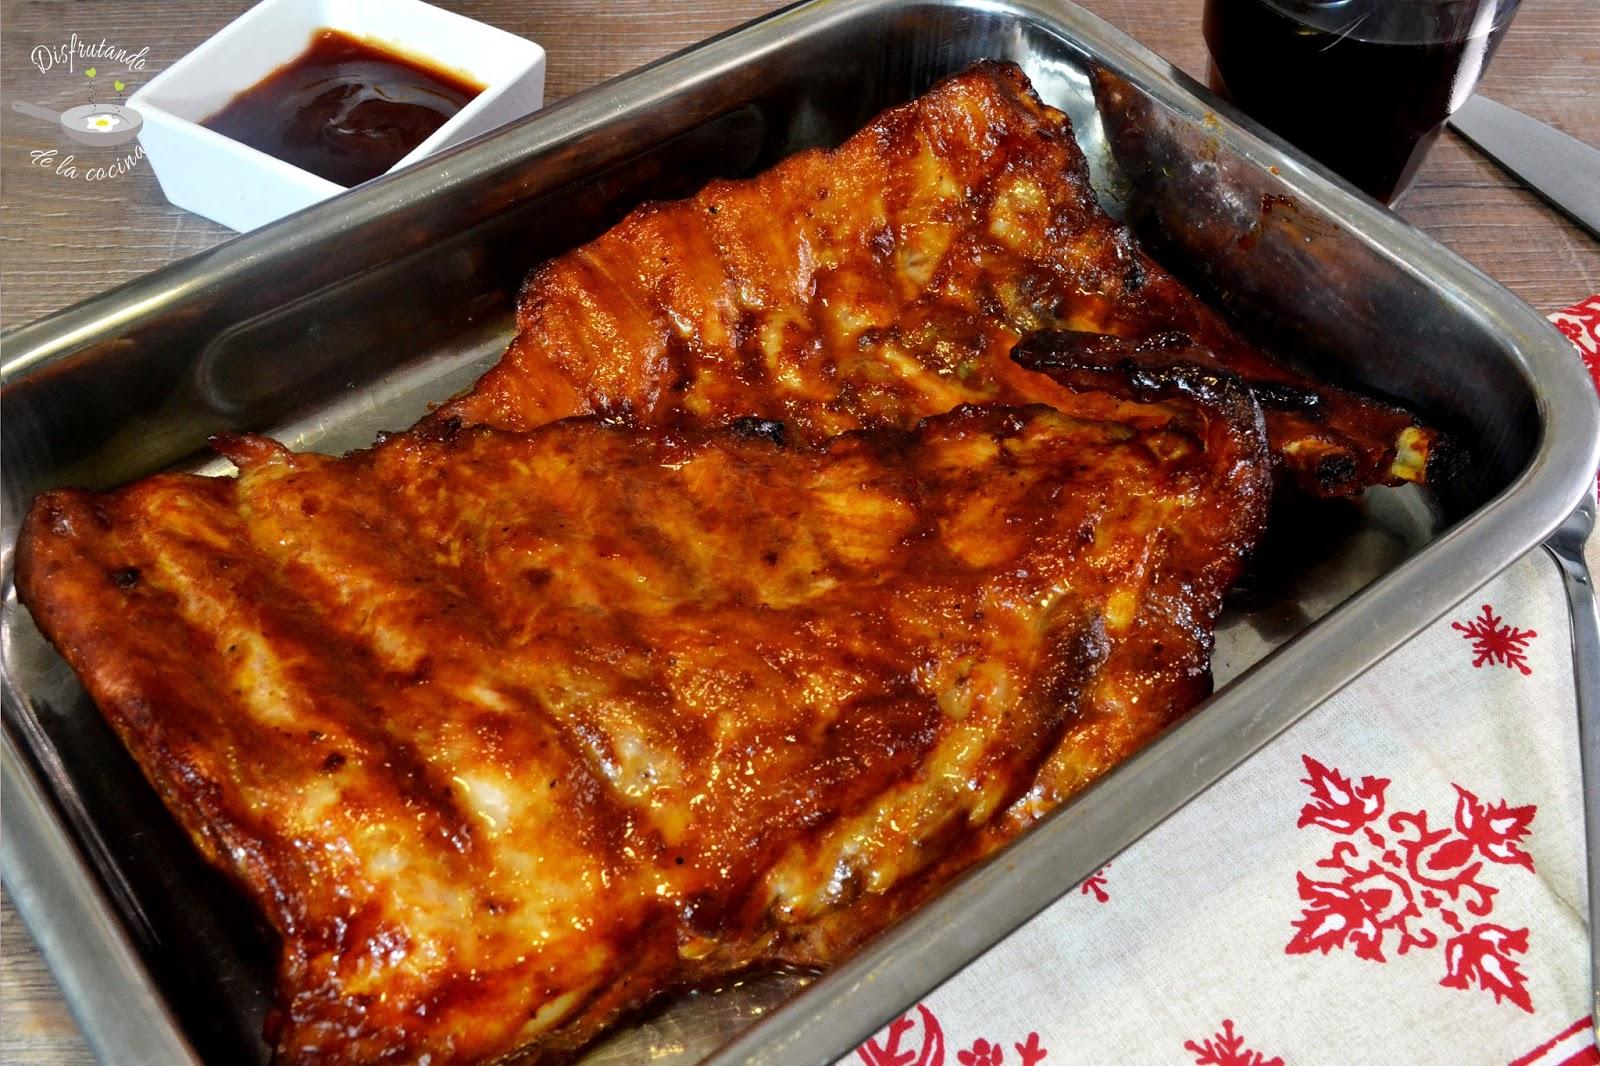 Costillas de cerdo al horno con salsa barbacoa (Receta fácil)